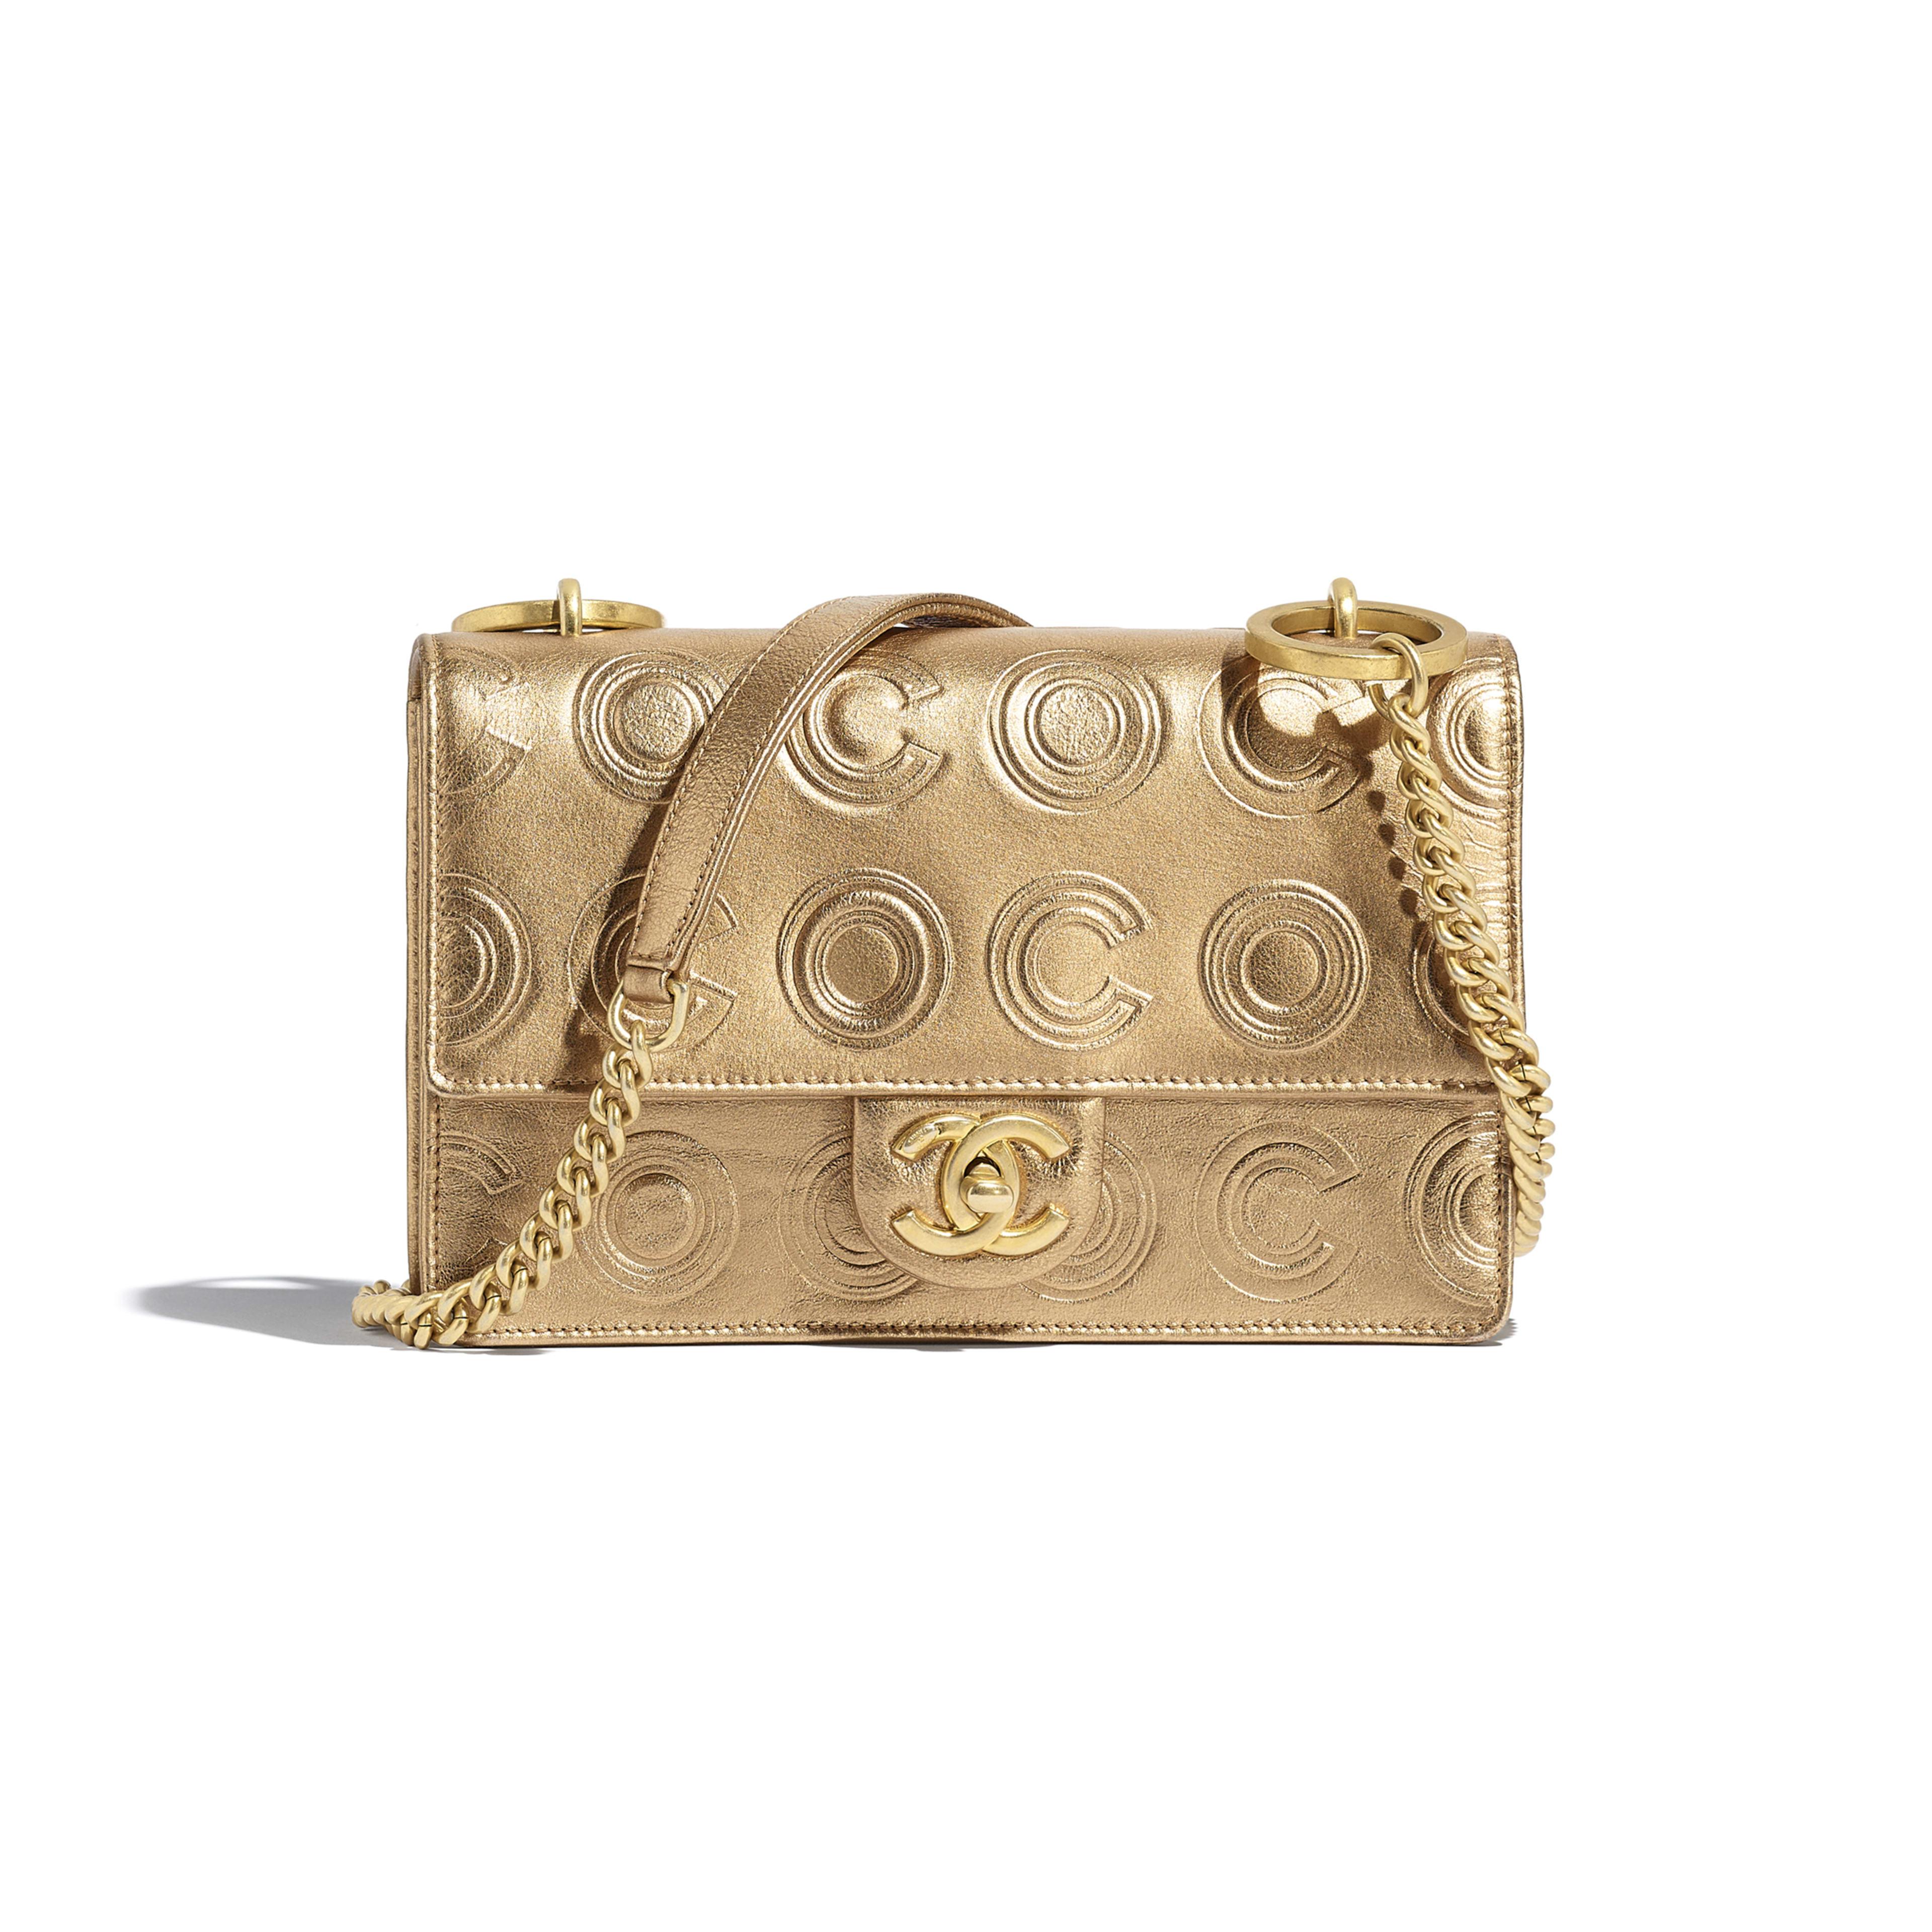 Сумка-конверт - Золотистый - Металлизированная кожа теленка и золотистый металл - Вид по умолчанию - посмотреть полноразмерное изображение